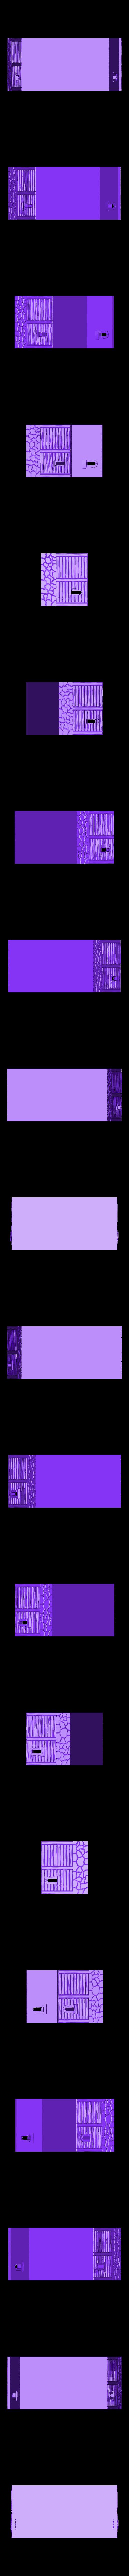 viking-house-mid.stl Télécharger fichier STL gratuit Maison viking fantaisiste • Plan imprimable en 3D, Terrain4Print